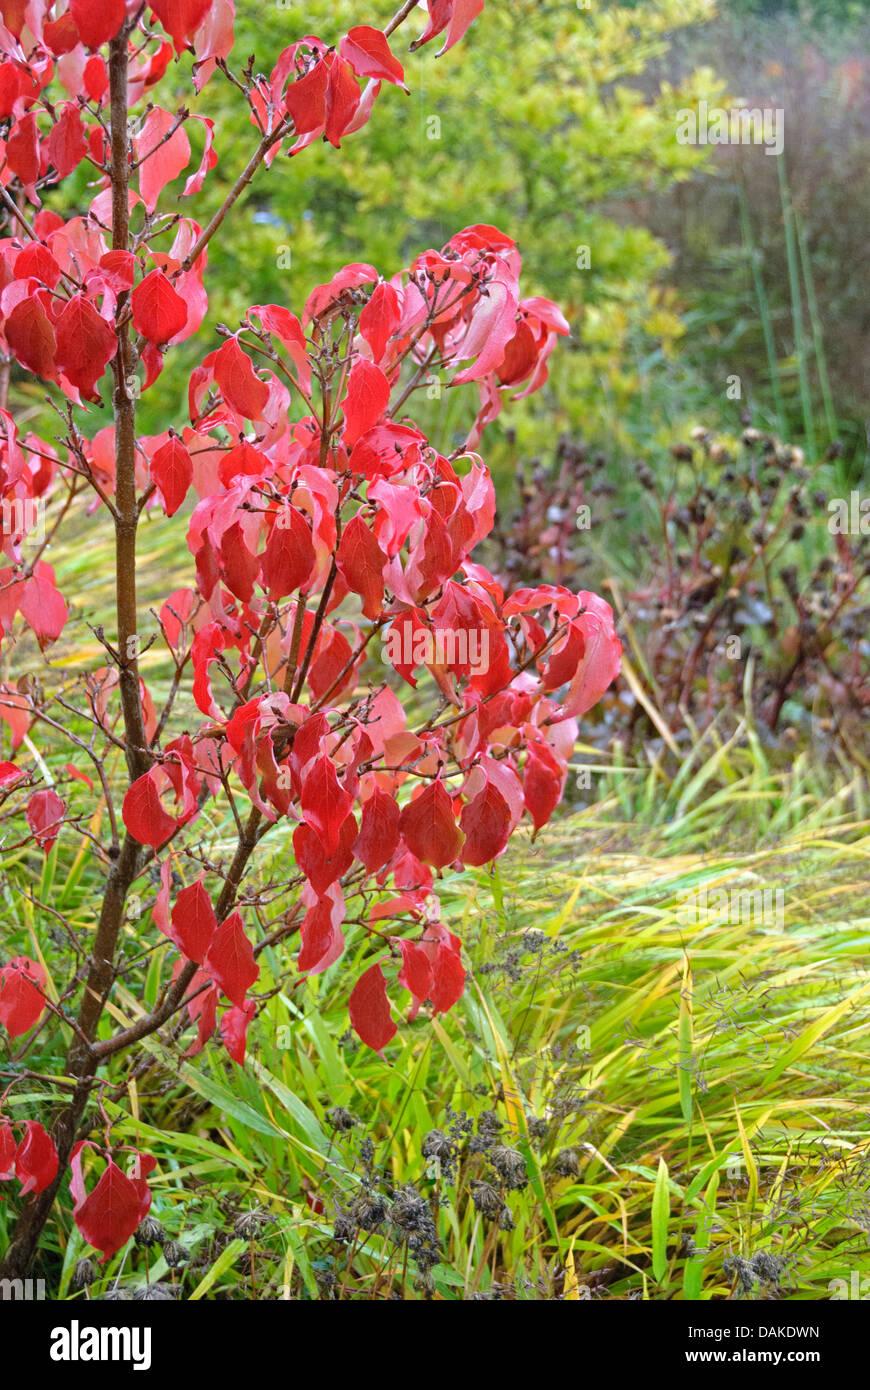 kousa dogwood, Japanese Dogwwod (Cornus kousa 'Schmetterling', Cornus kousa Schmetterling), cultivar Schmetterling - Stock Image